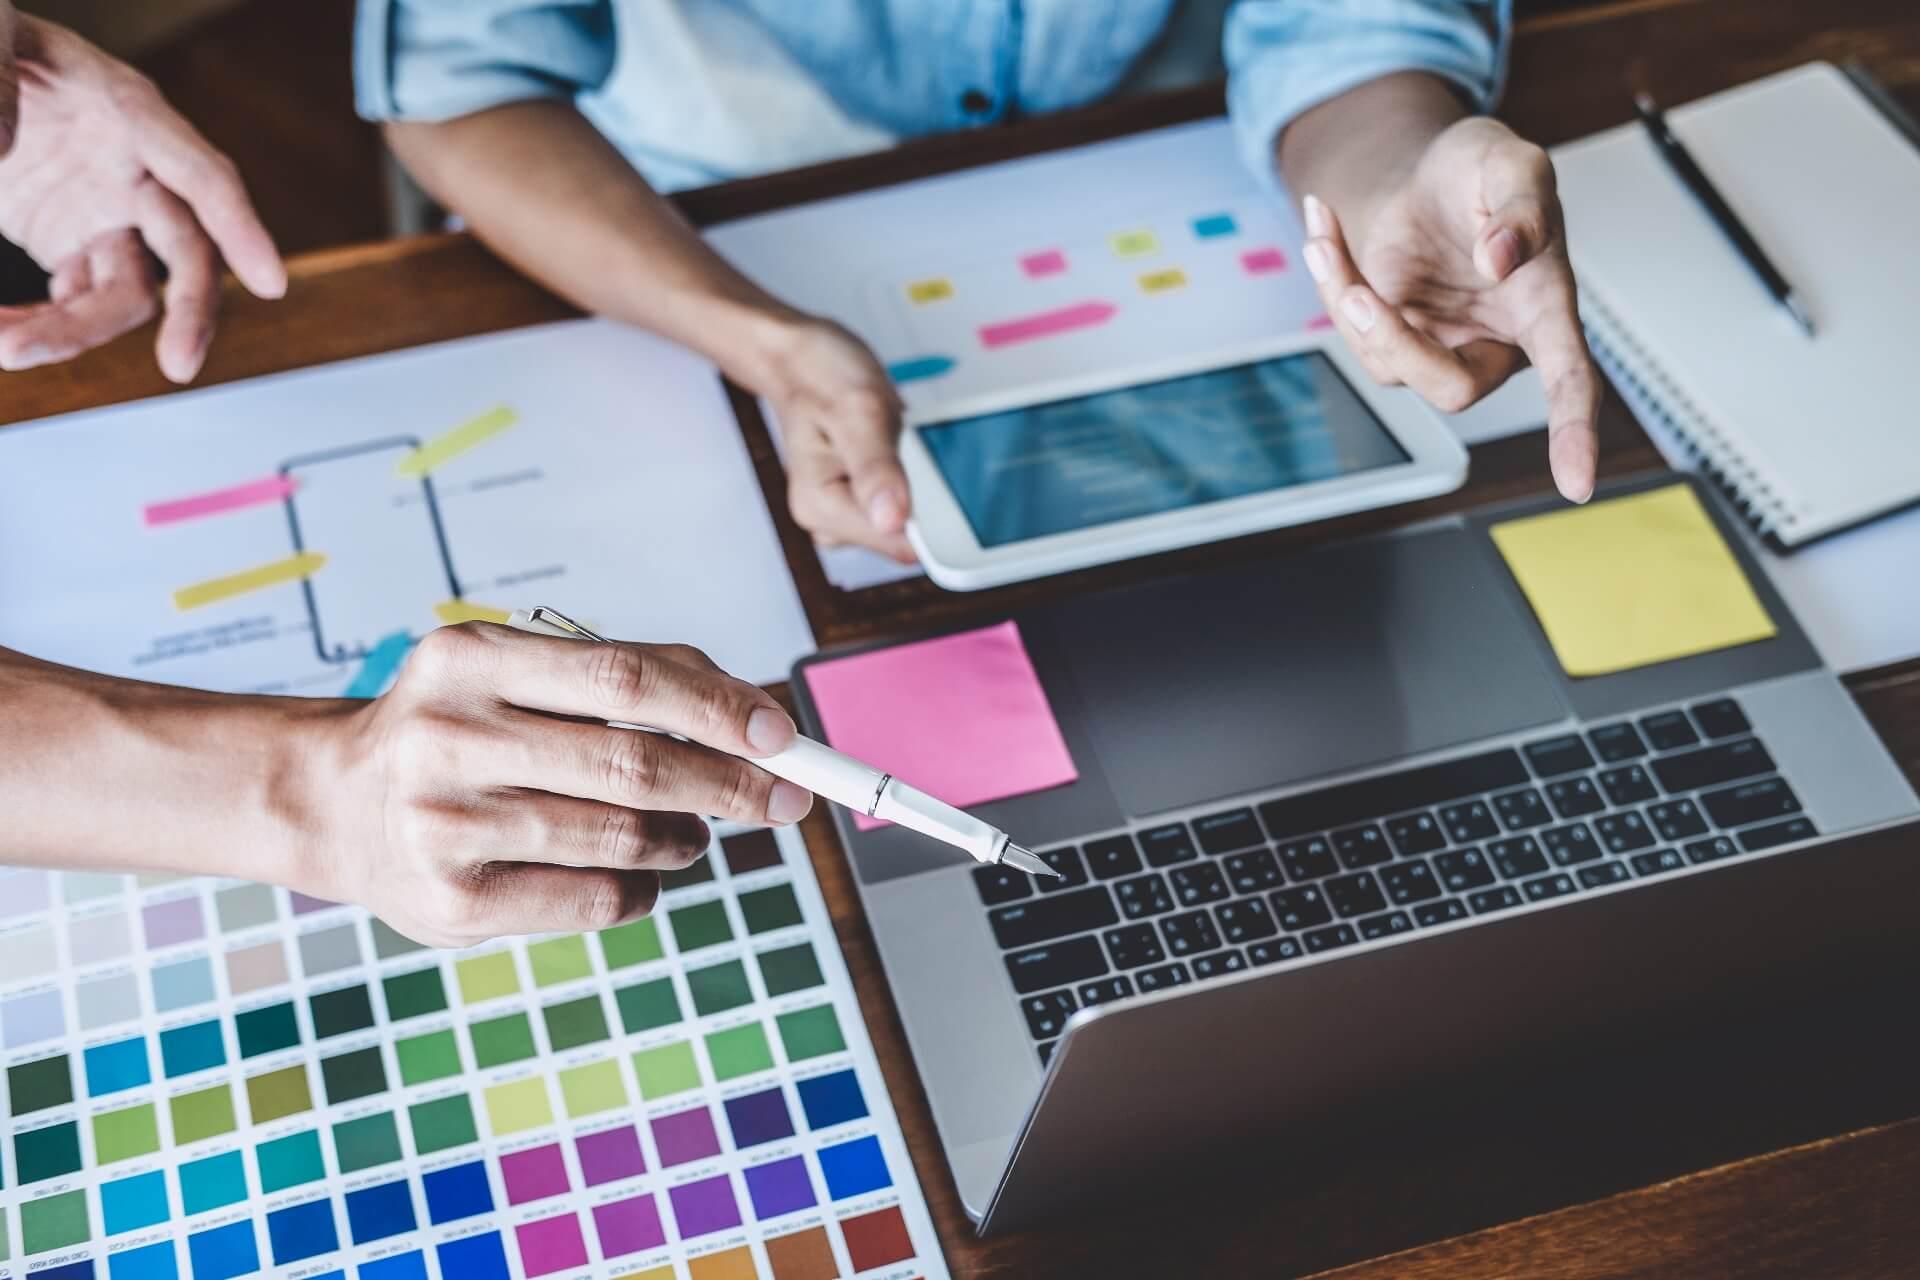 Designers choosing colors